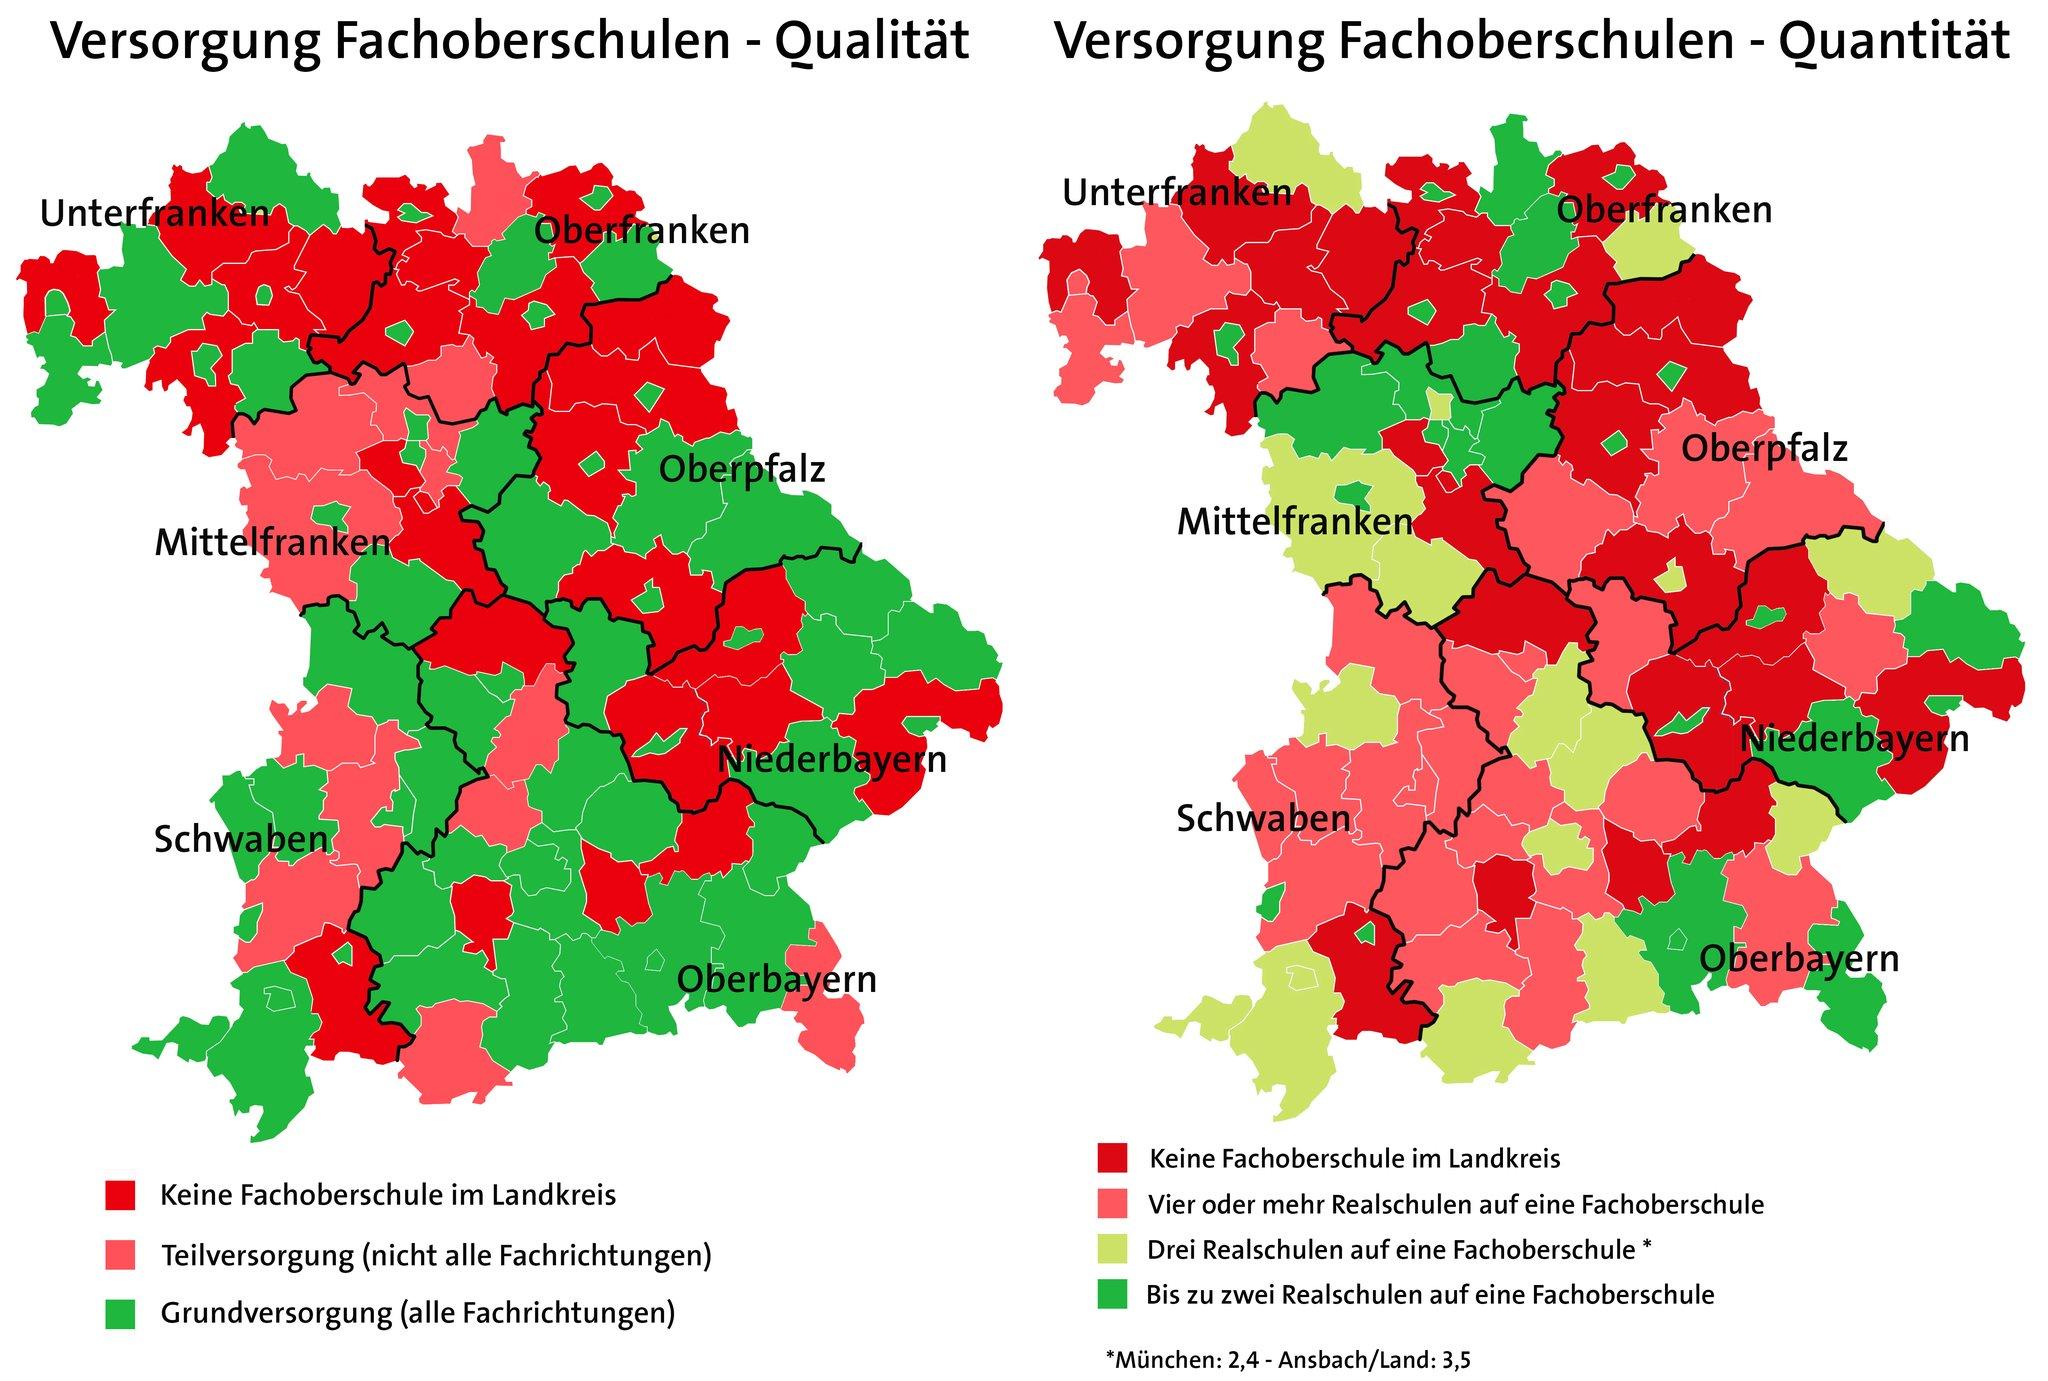 Karte Oberfranken Unterfranken Mittelfranken.Martina Fehlner Bayern Braucht Mehr Fachoberschulen Grosse